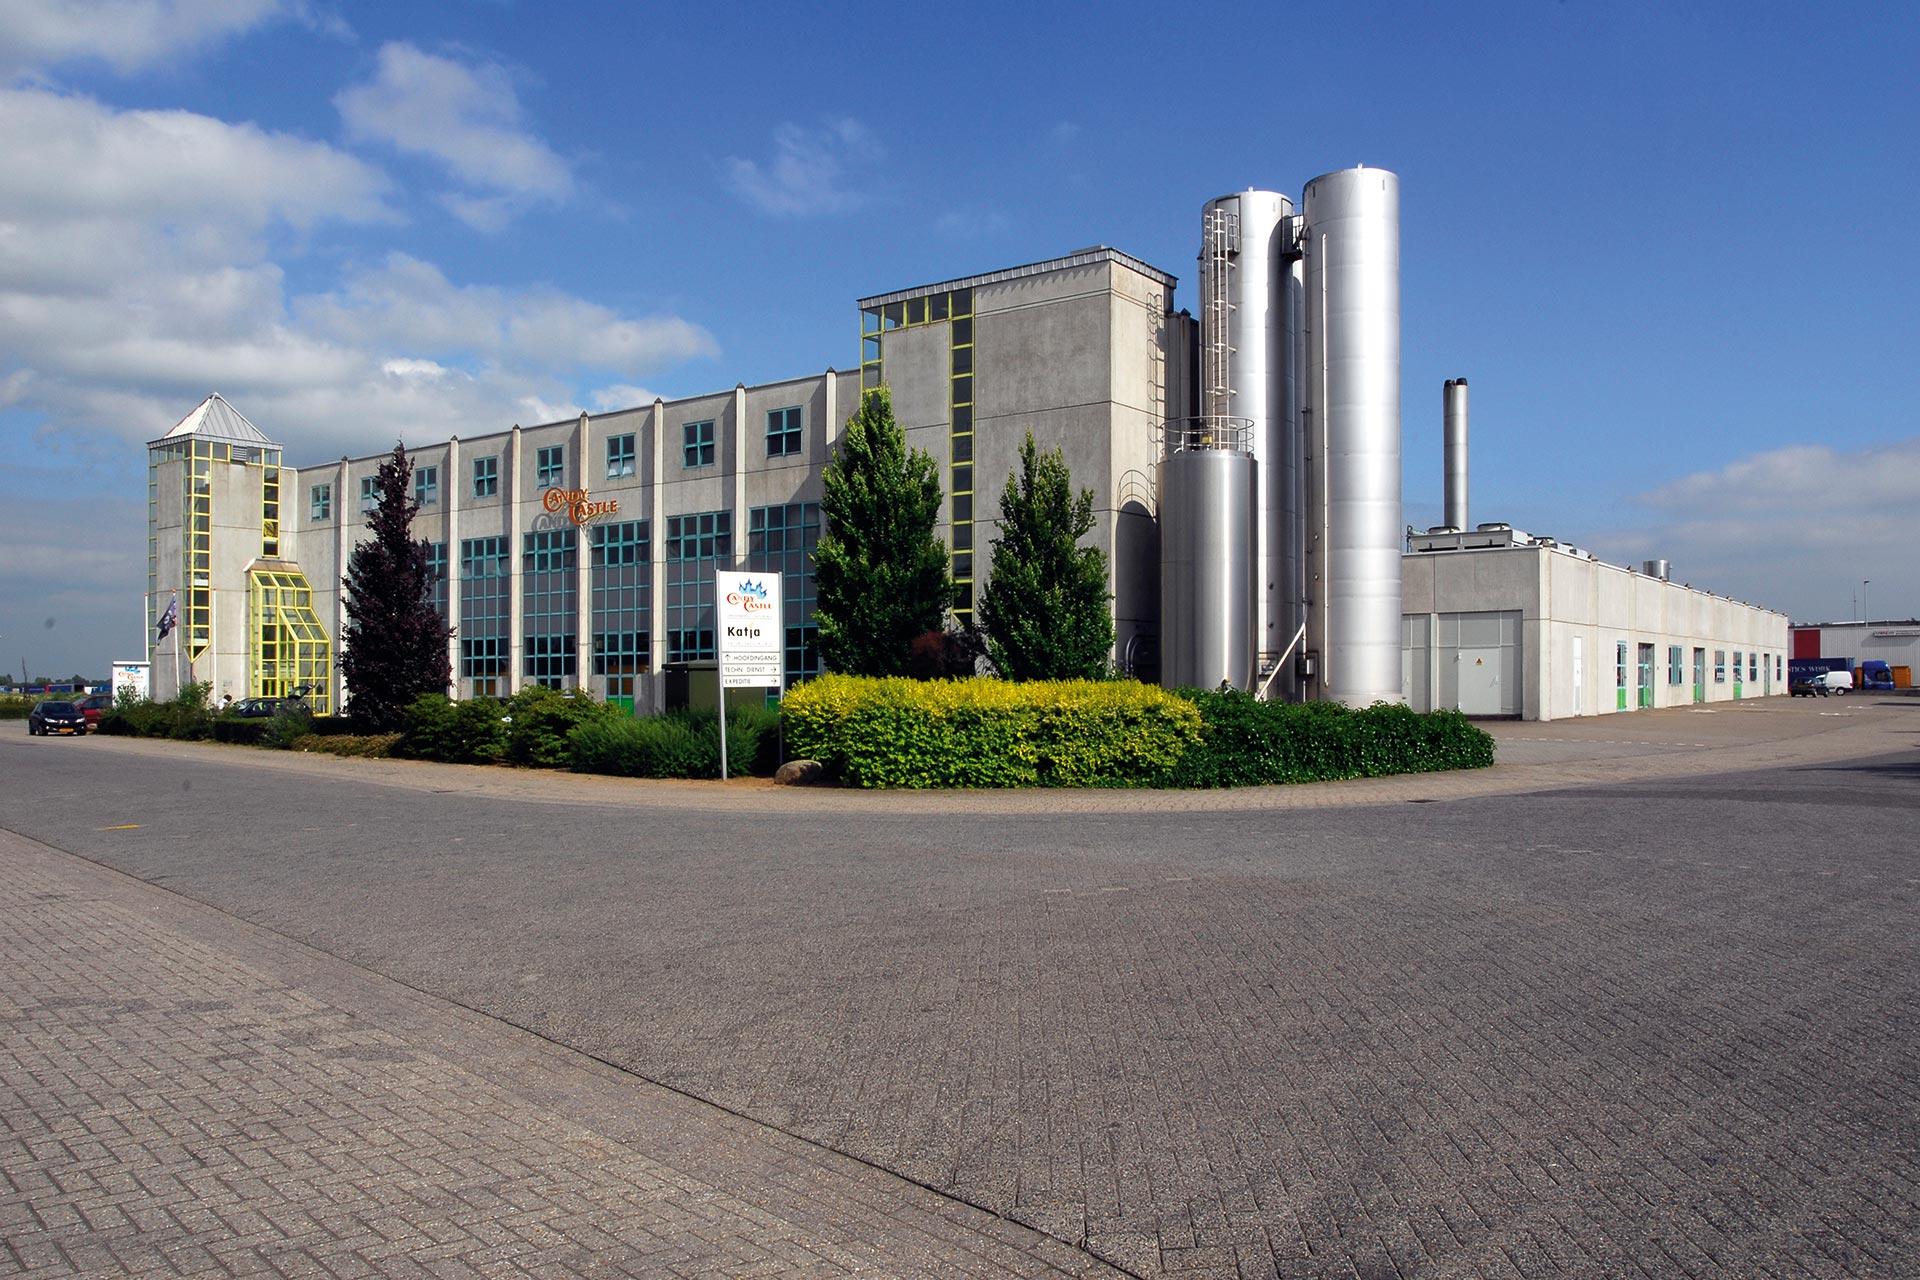 Onze Snoepfabriek